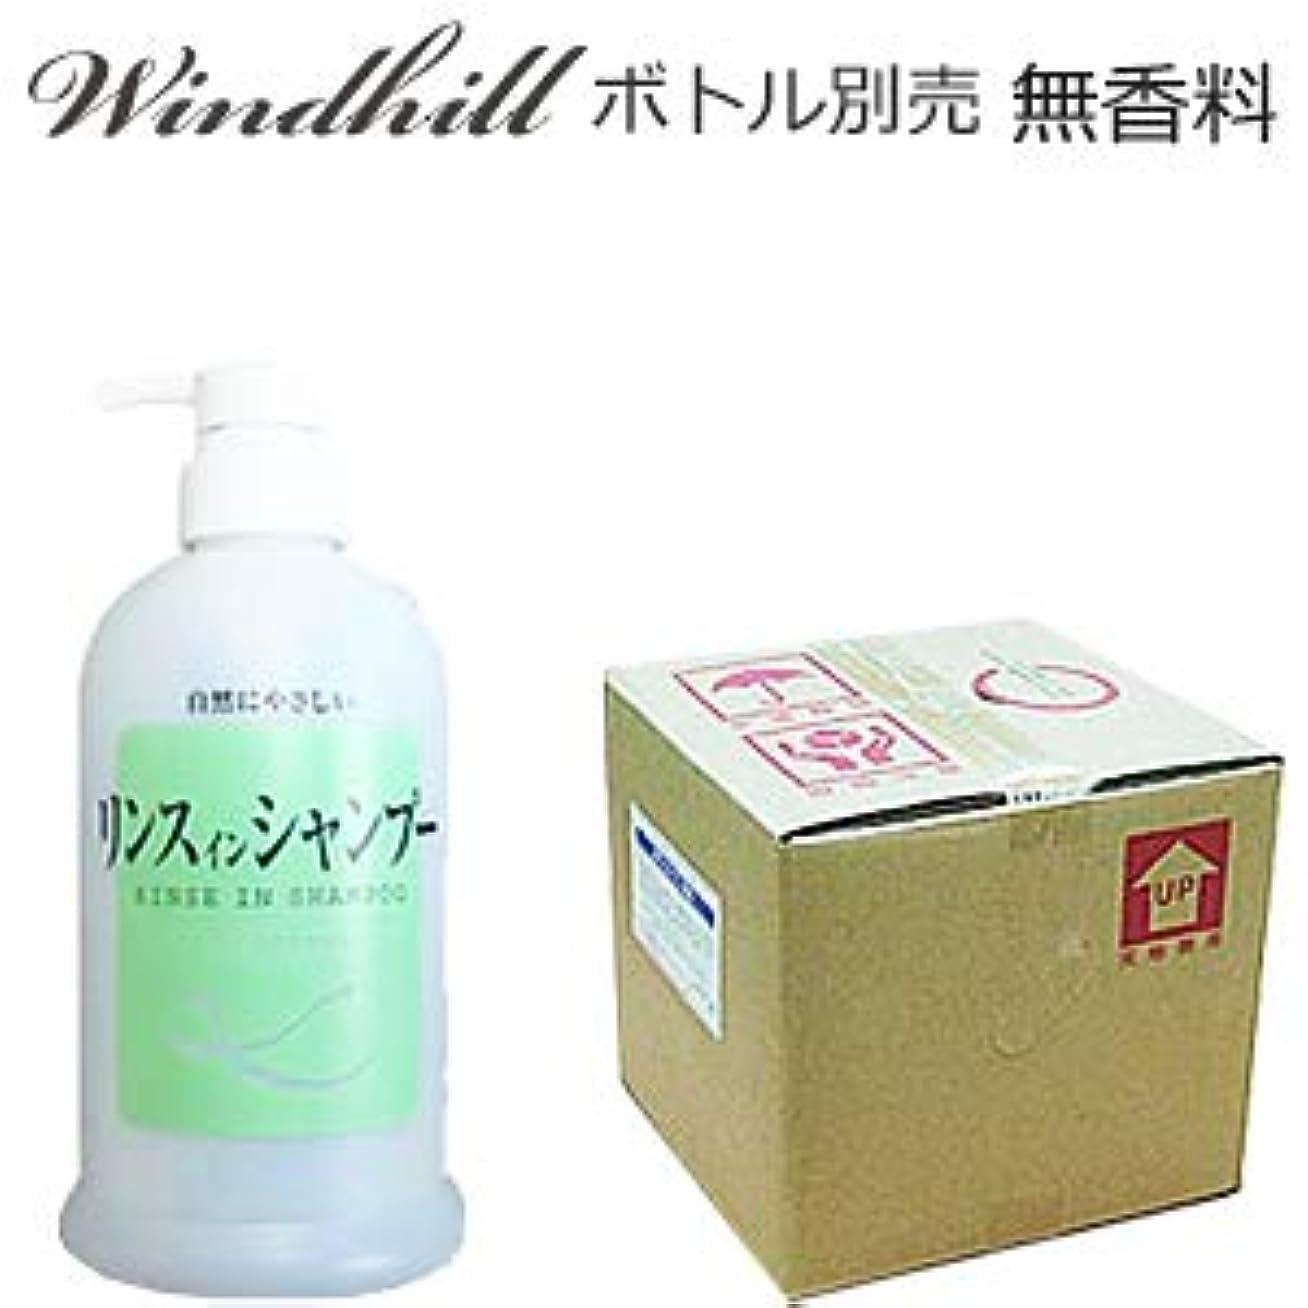 ショップ過激派減らすWindhill 植物性 業務用ボディソープ 無香料 20L(1セット20L入)